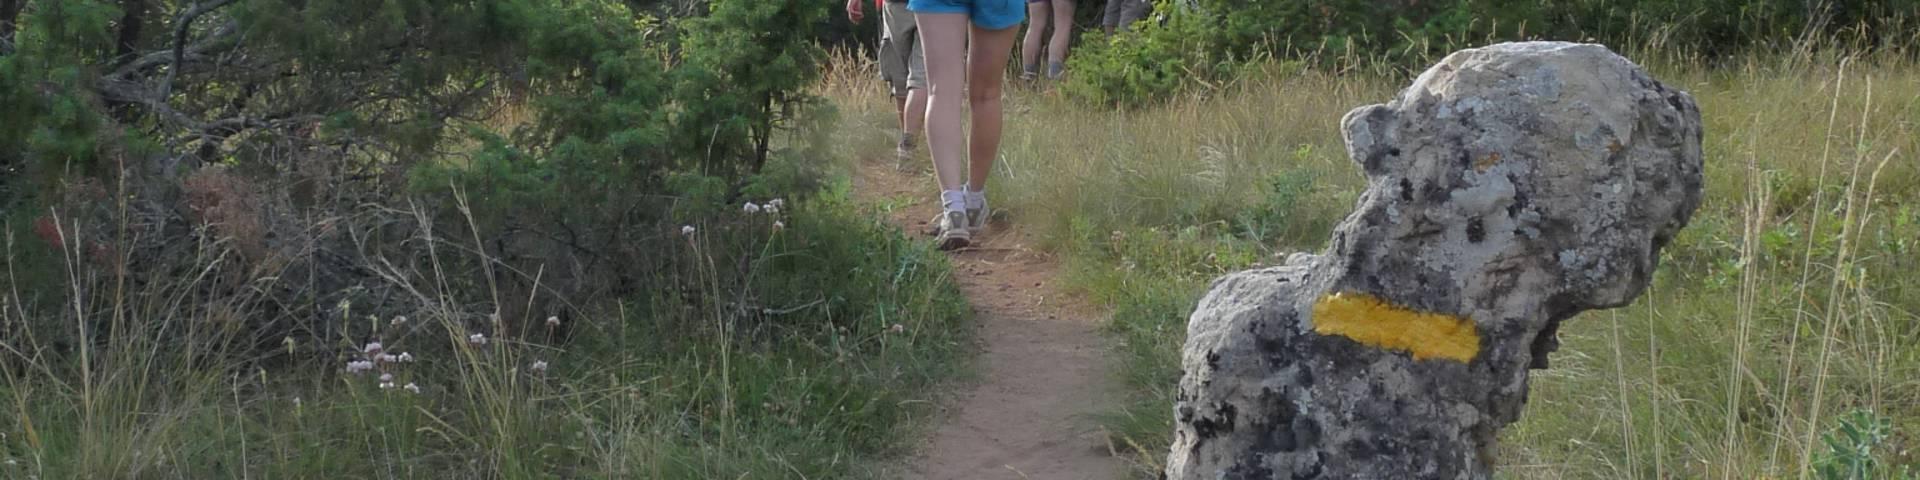 Randonnée pédestre autour de Millau